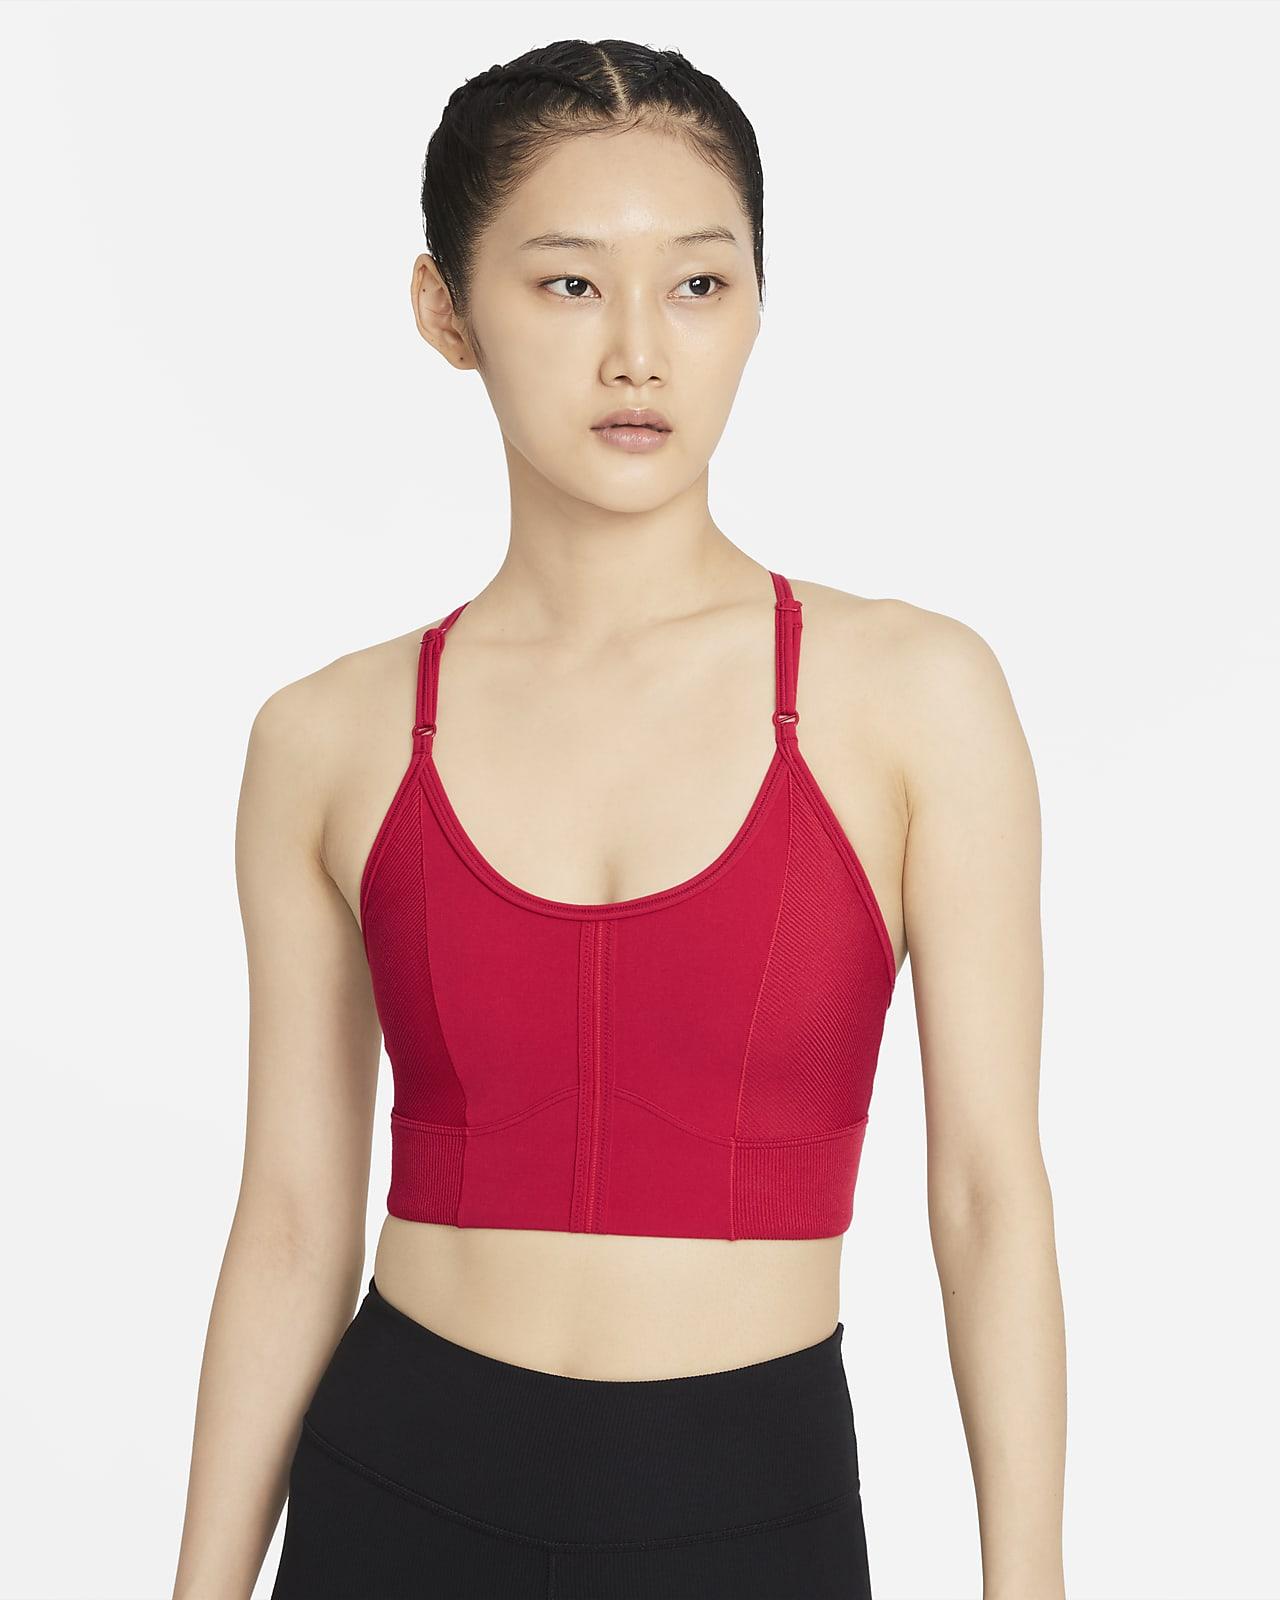 Nike Yoga Dri-FIT Indy Sostenidors esportius de subjecció lleugera enconxats llargs - Dona